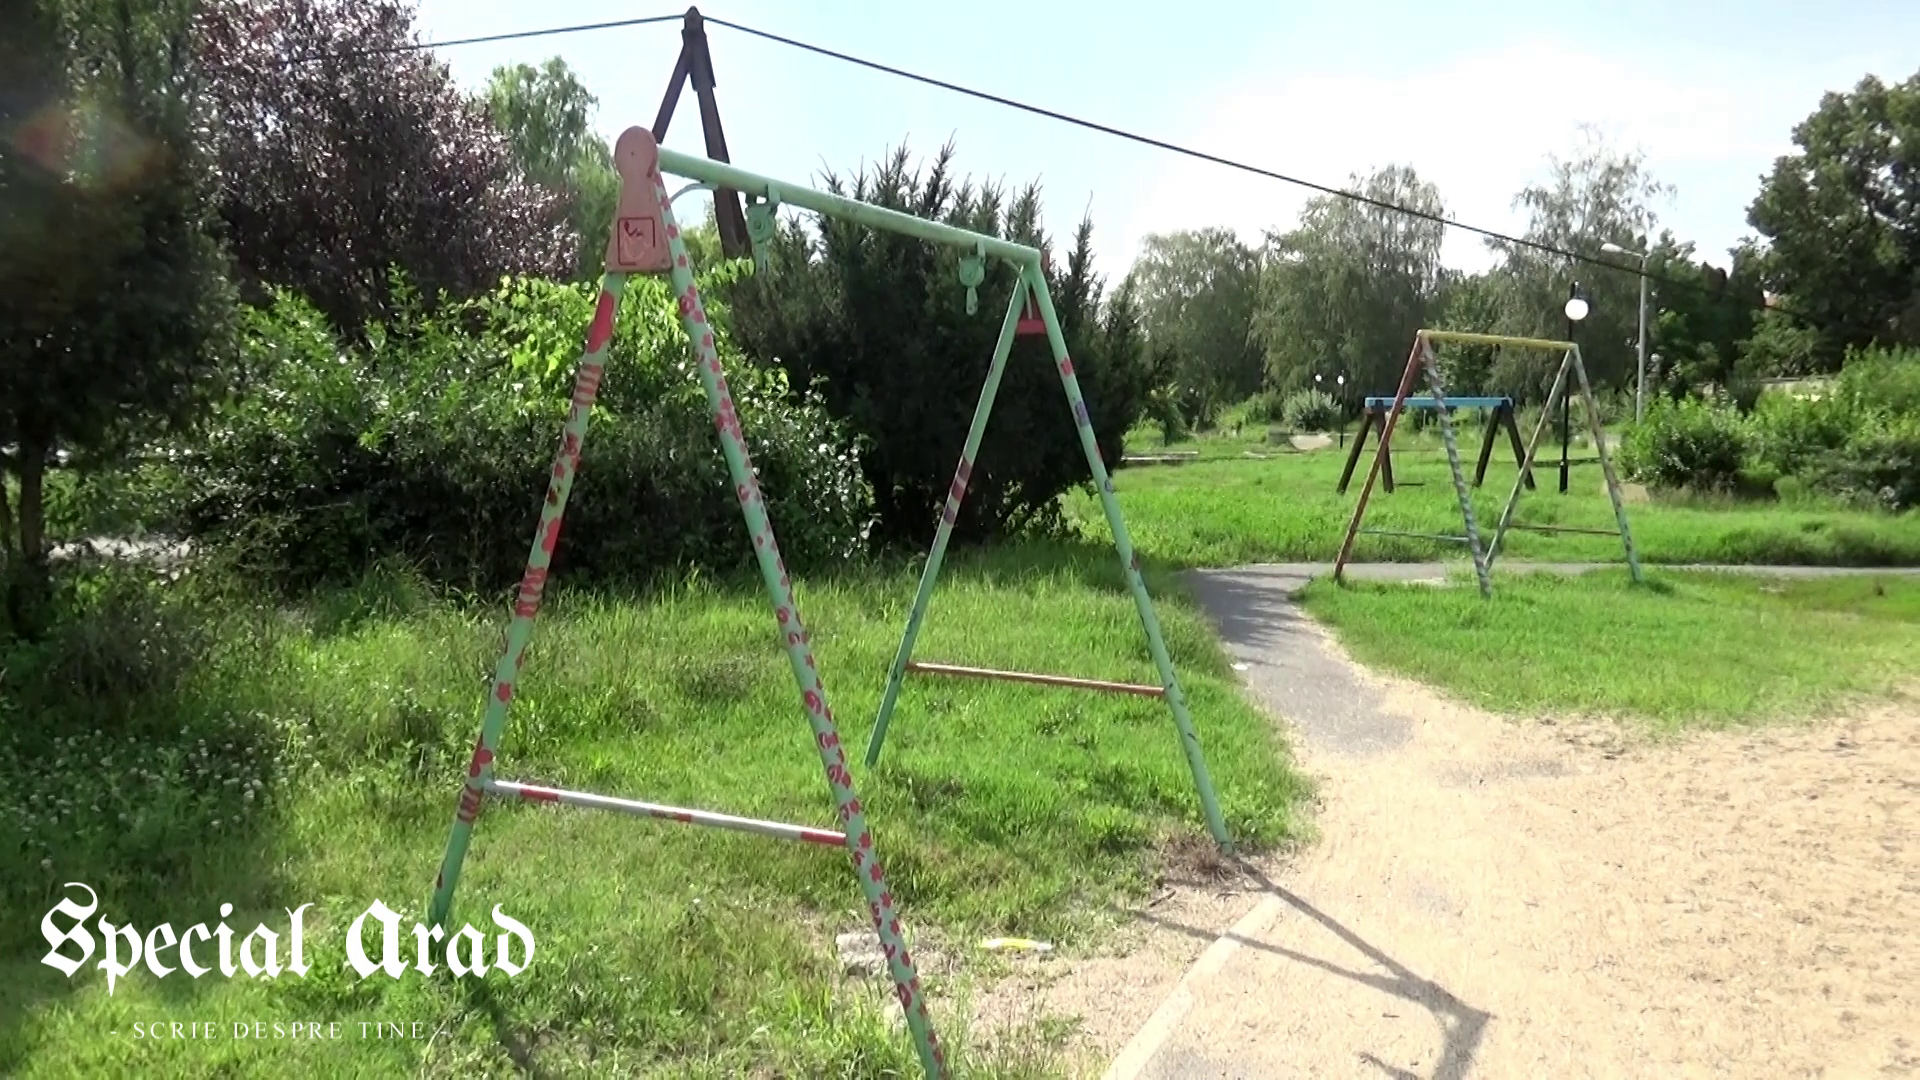 vlcsnap-2014-08-09-02h33m22s13